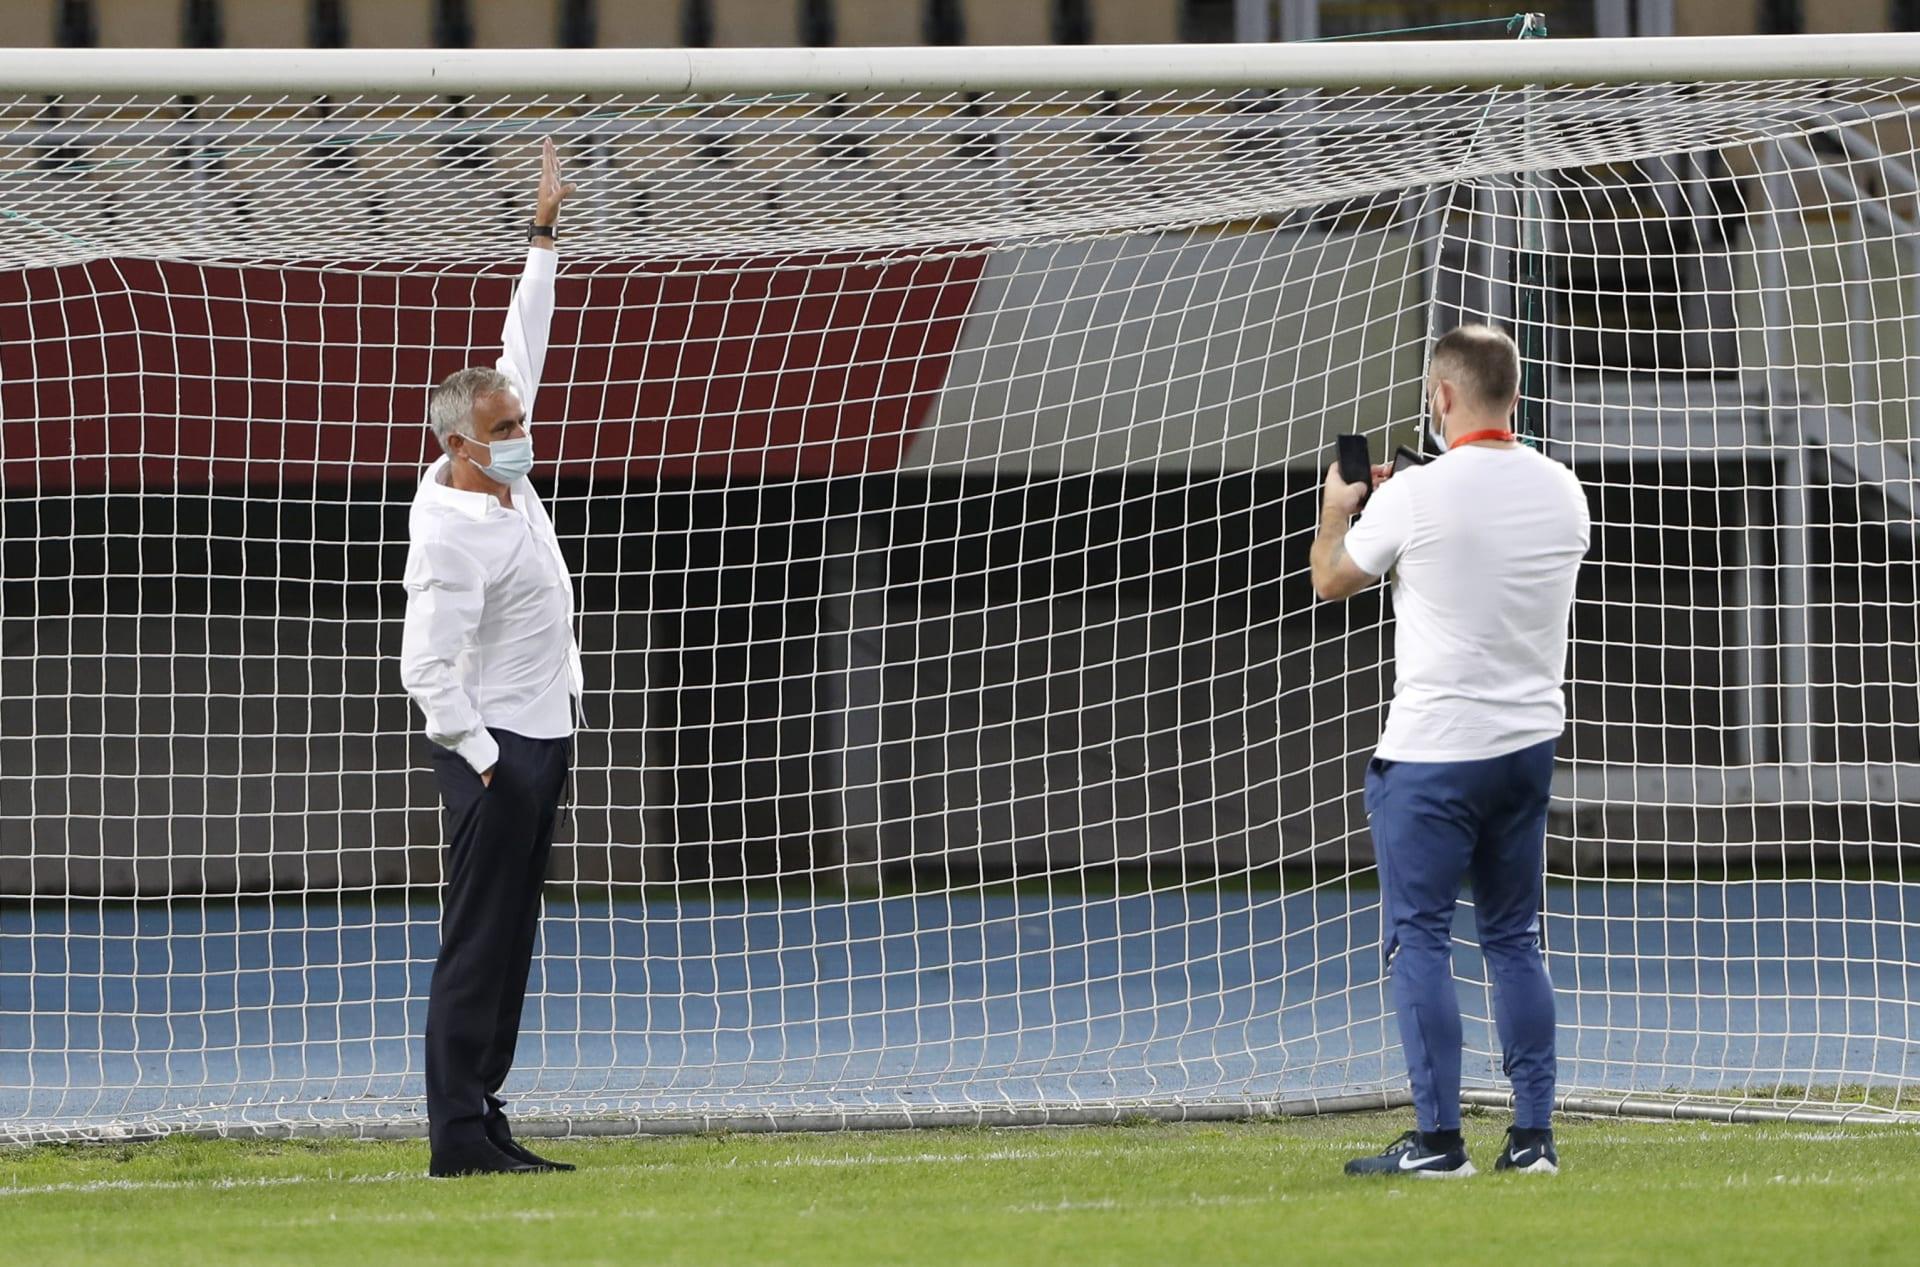 مورينيو يكشف موقفًا طريفًا في مباراة توتنهام الأخيرة بالدوري الأوروبي